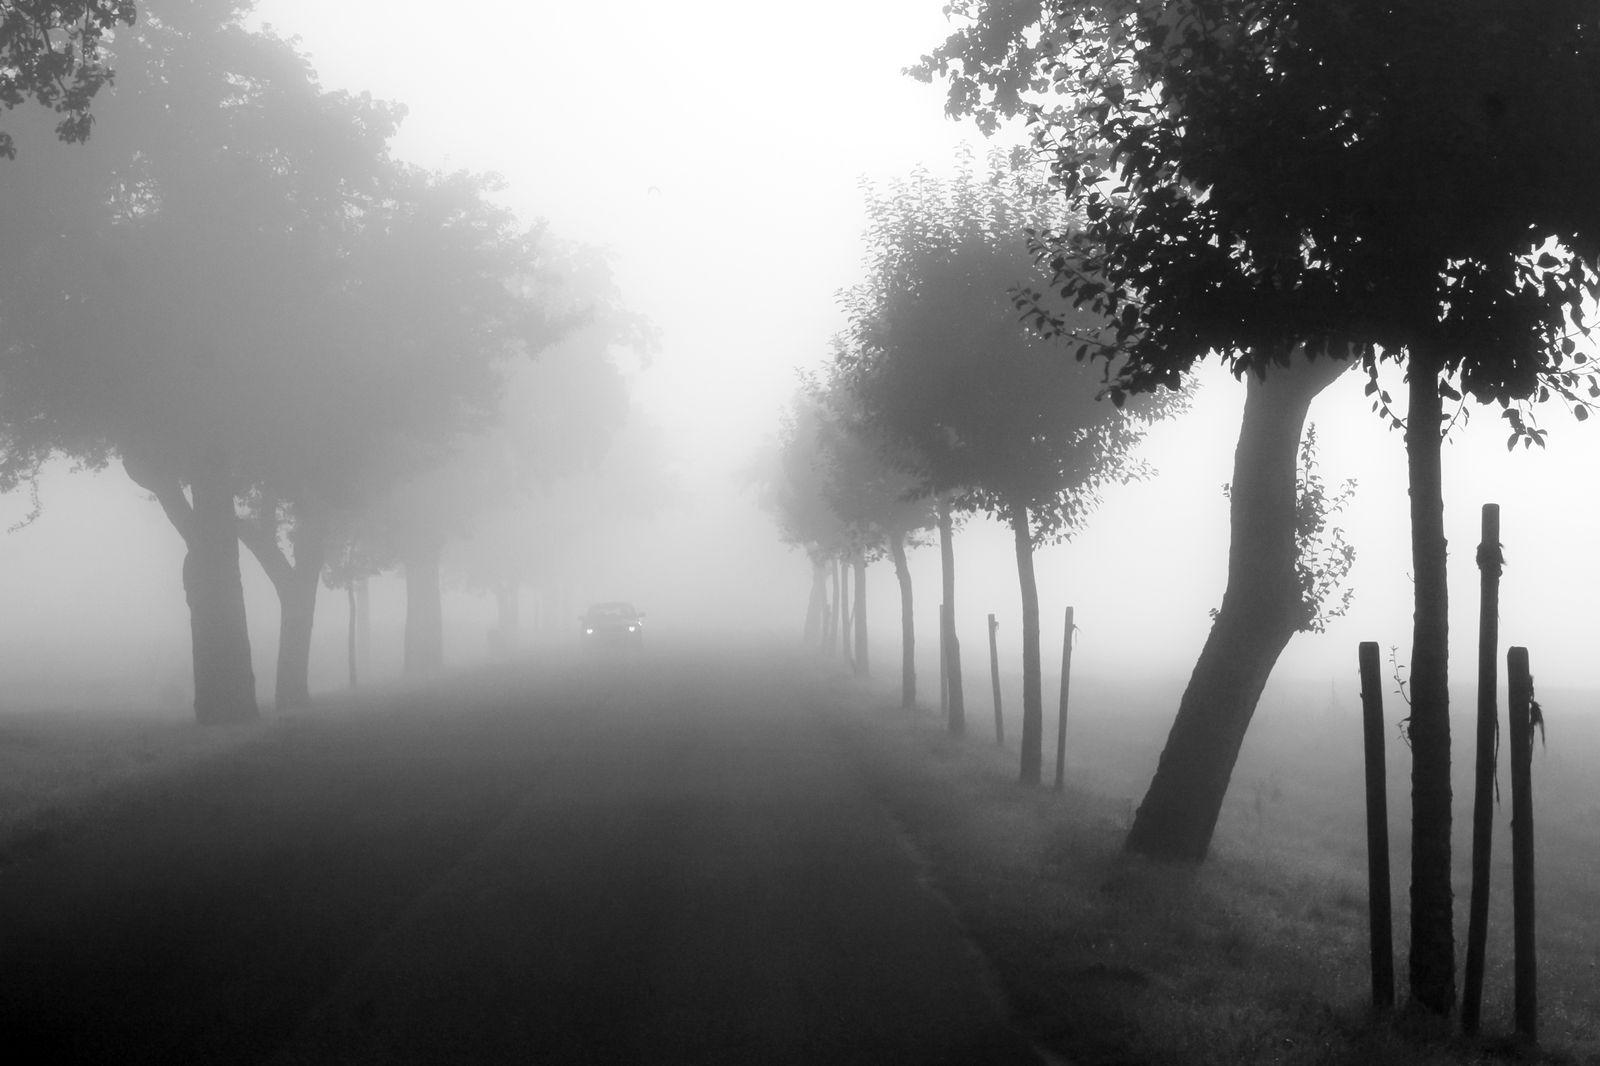 herbst-winter_002